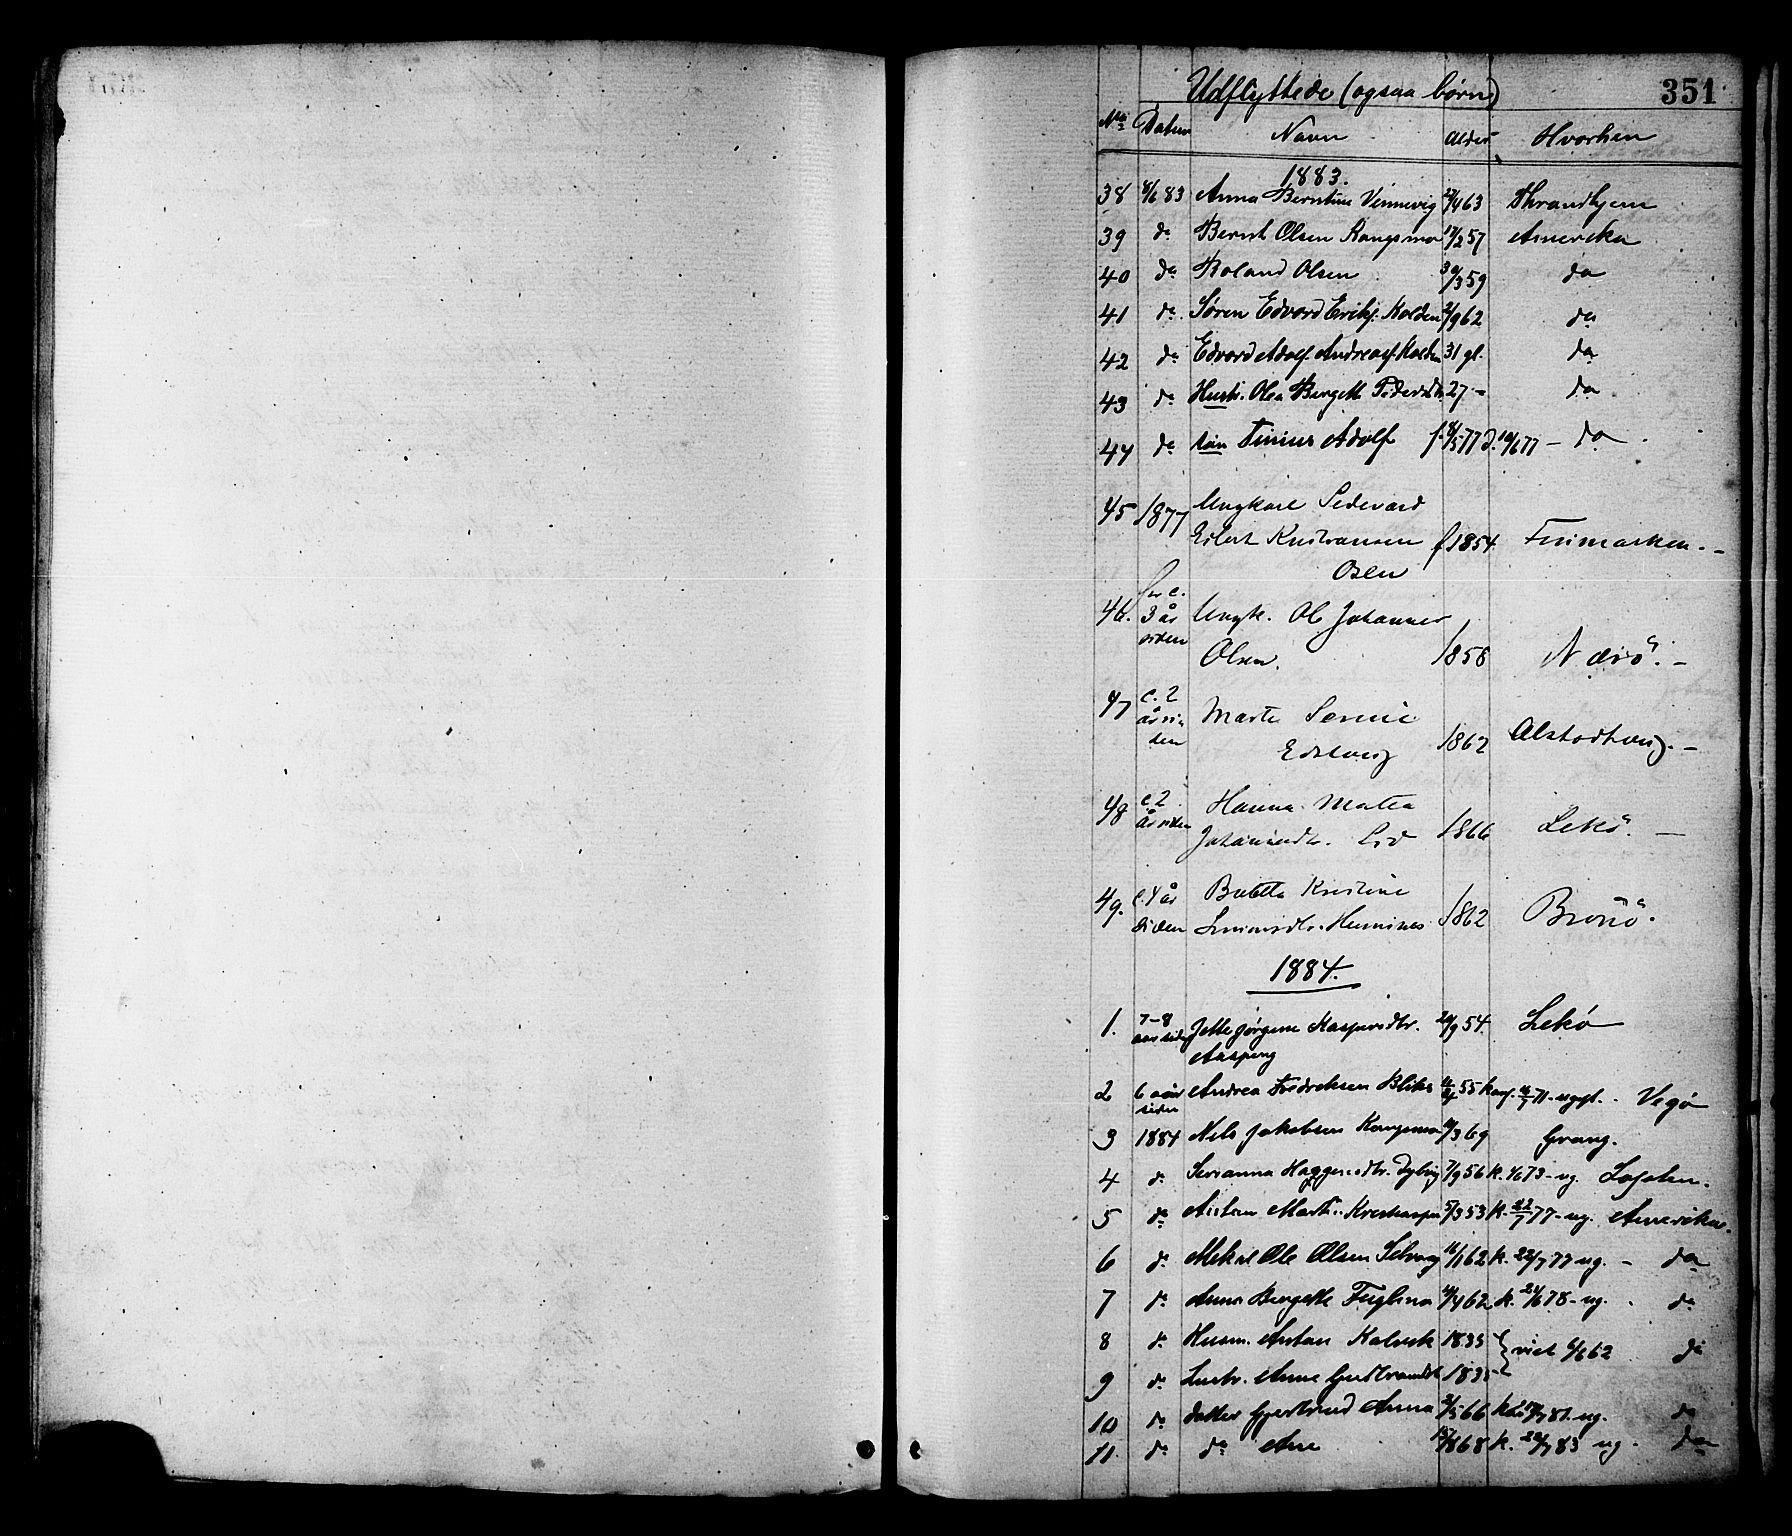 SAT, Ministerialprotokoller, klokkerbøker og fødselsregistre - Nord-Trøndelag, 780/L0642: Ministerialbok nr. 780A07 /1, 1874-1885, s. 351